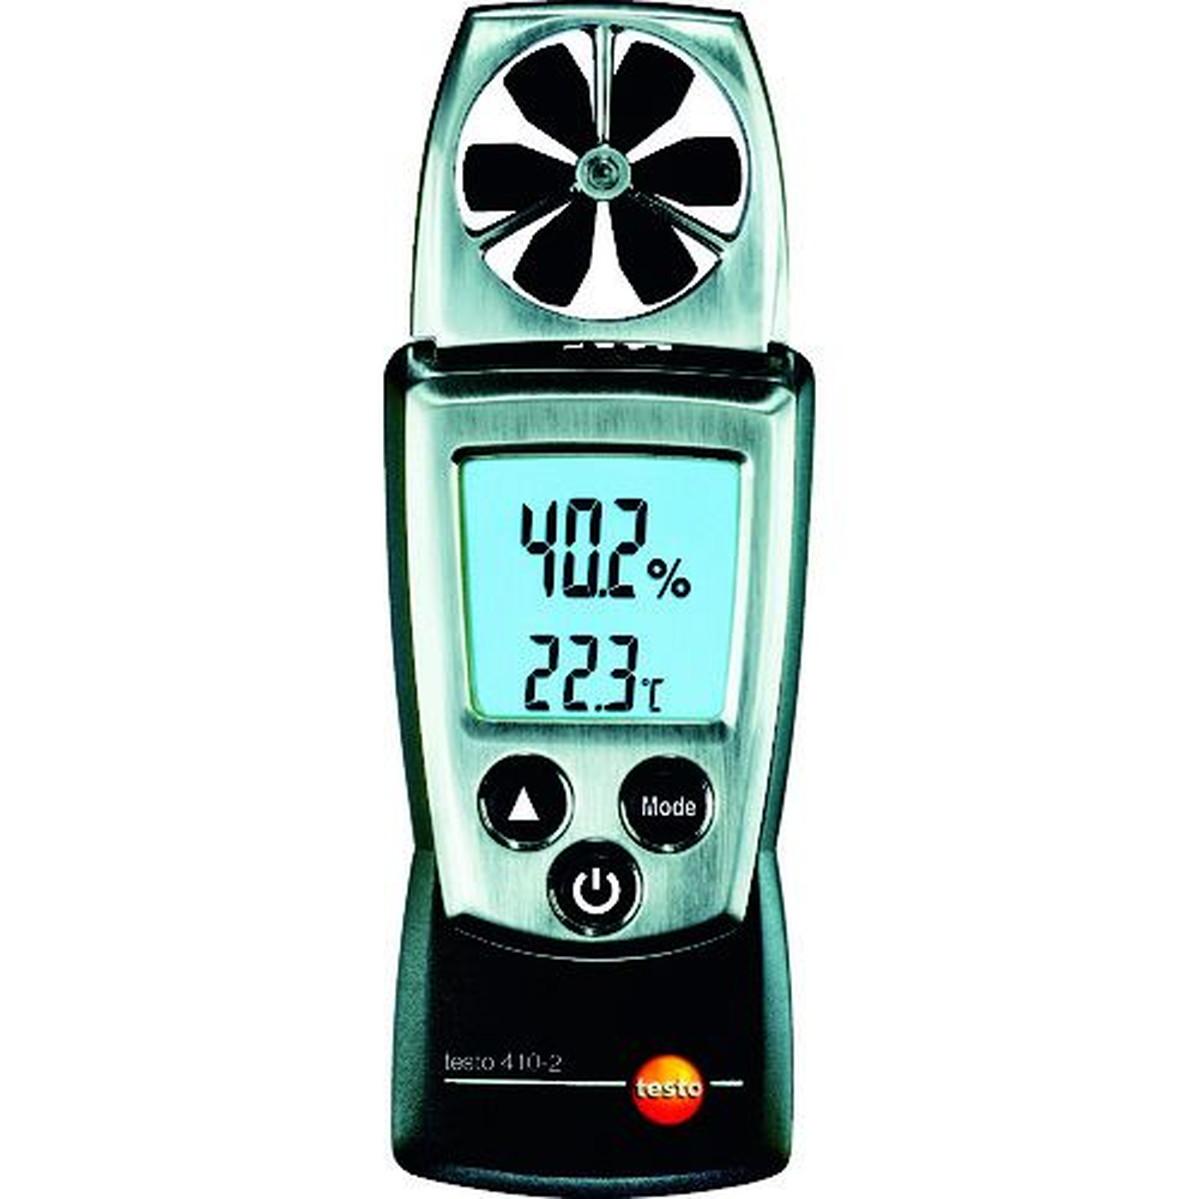 あす楽対応 DIY用品 ※ラッピング ※ テストー 1個 当店は最高な サービスを提供します ポケットラインベーン式風速計 TESTO410-2温湿度計付